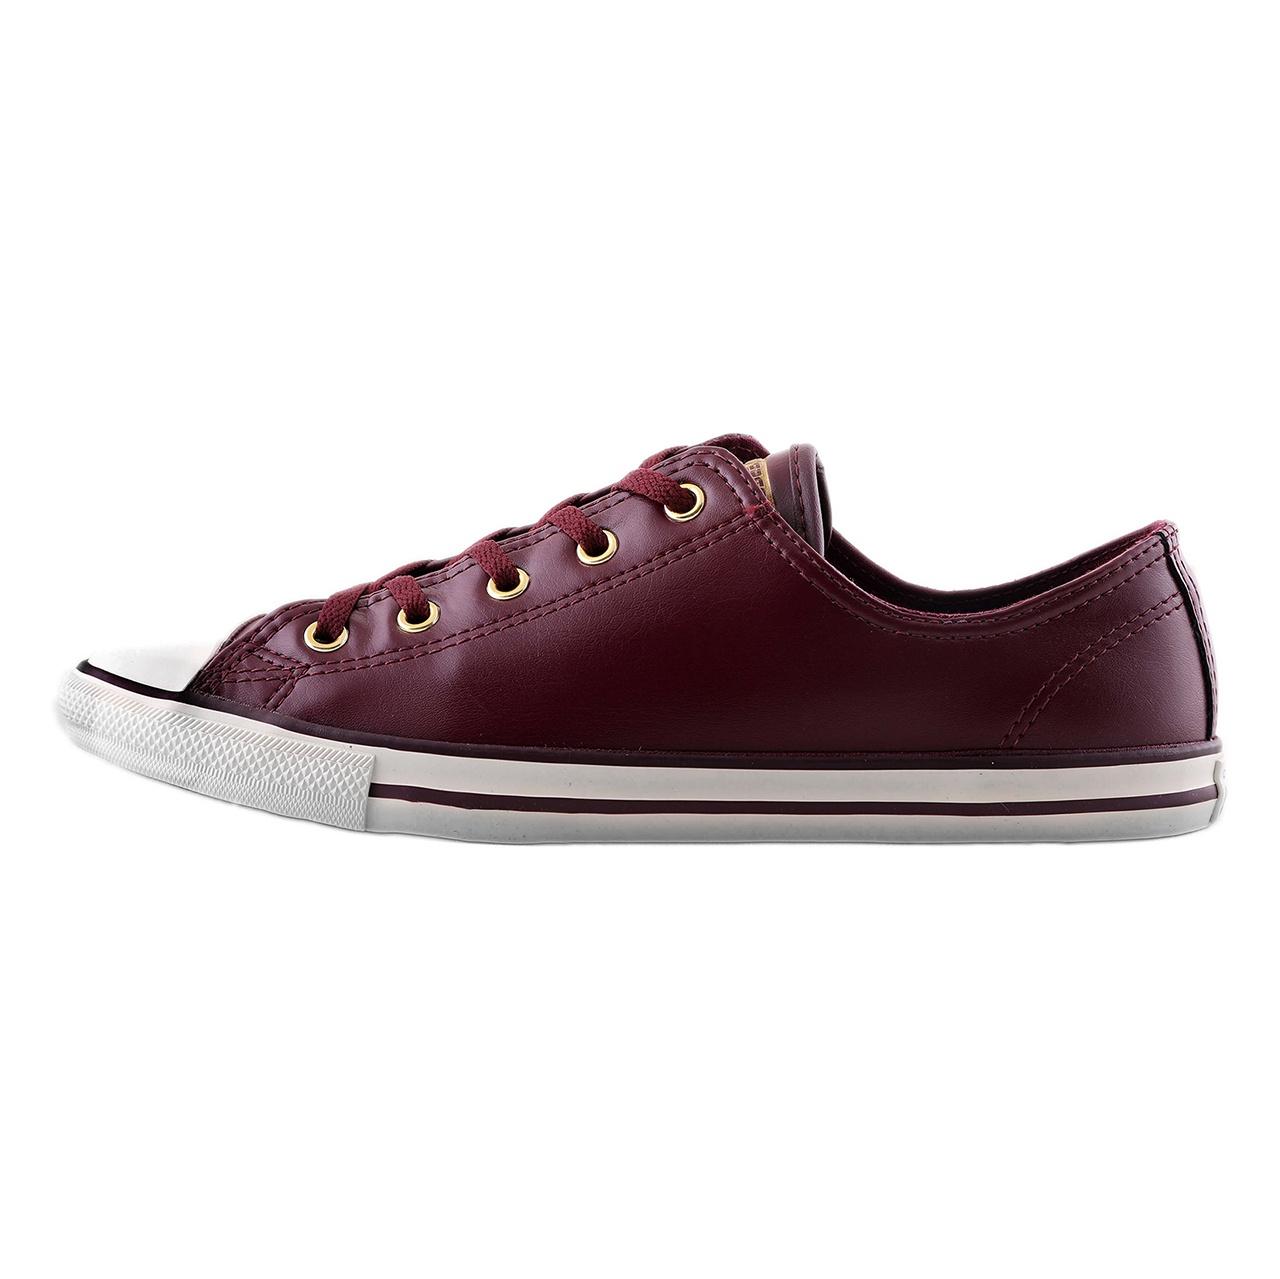 کفش مخصوص پیاده روی زنانه  کانورس مدل 557997c-626